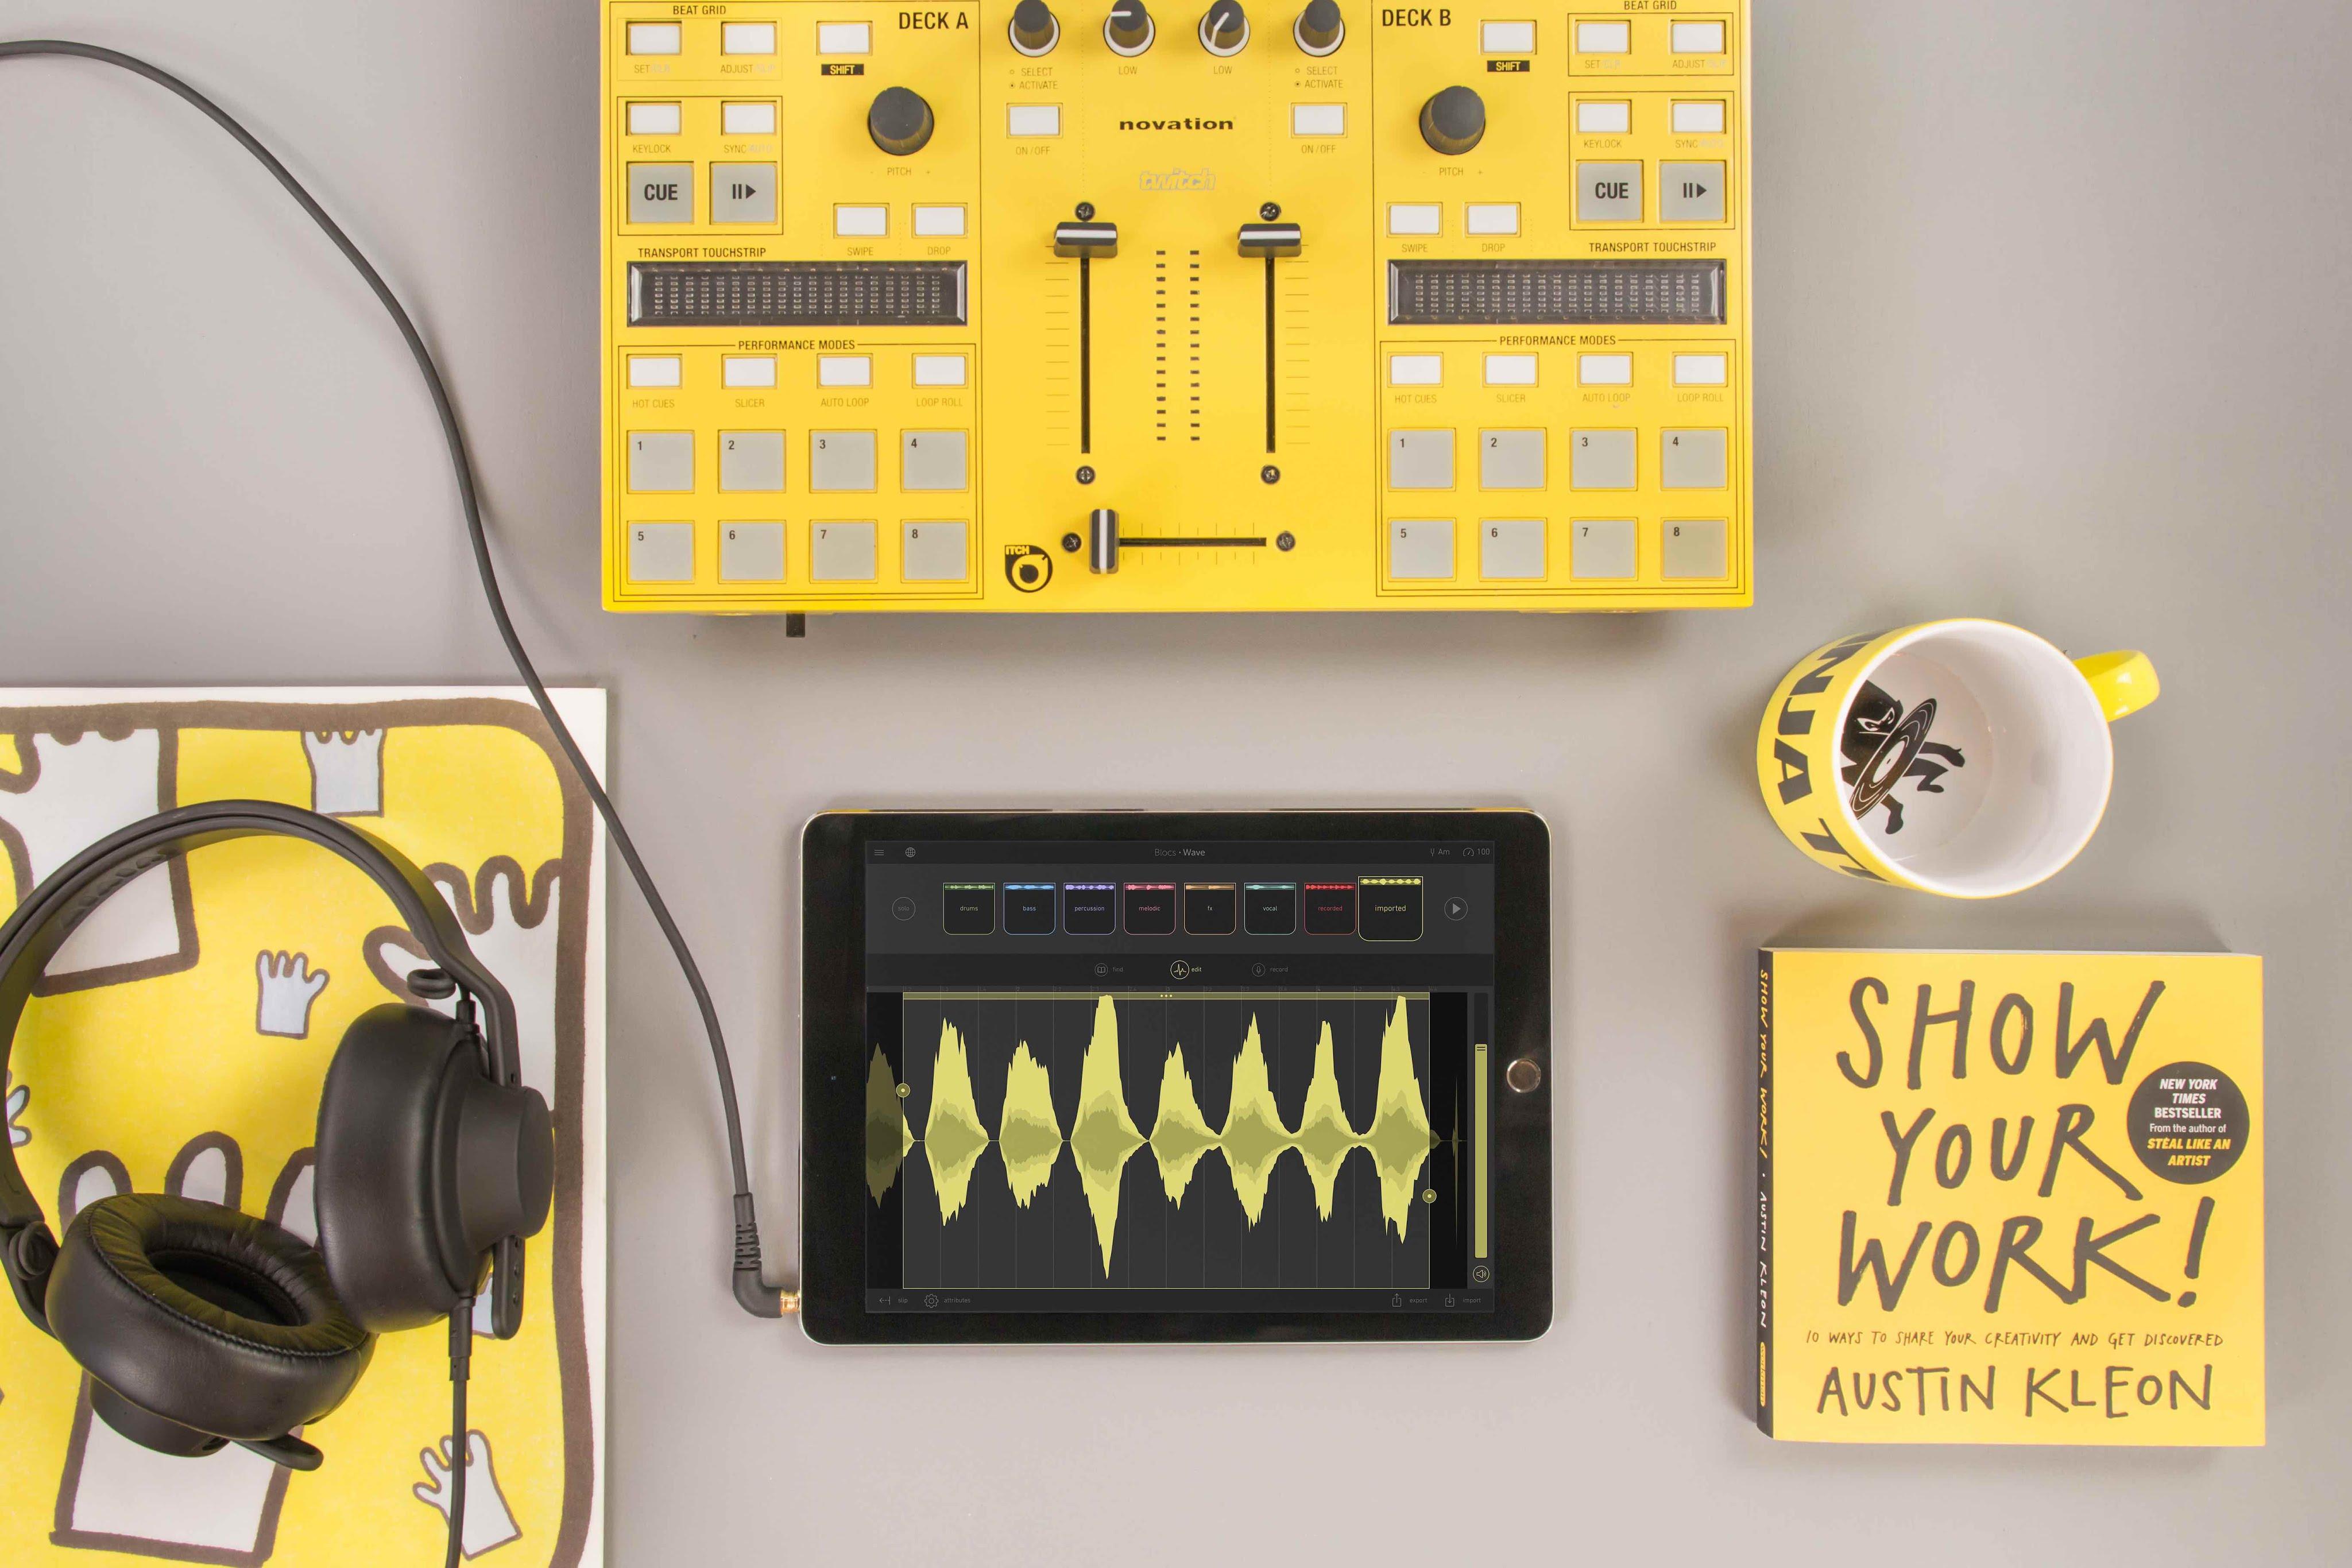 معرفی اپلیکیشن های آهنگسازی ios ؛ Blocs Wave، وارد دنیای مدرن آهنگسازی شوید